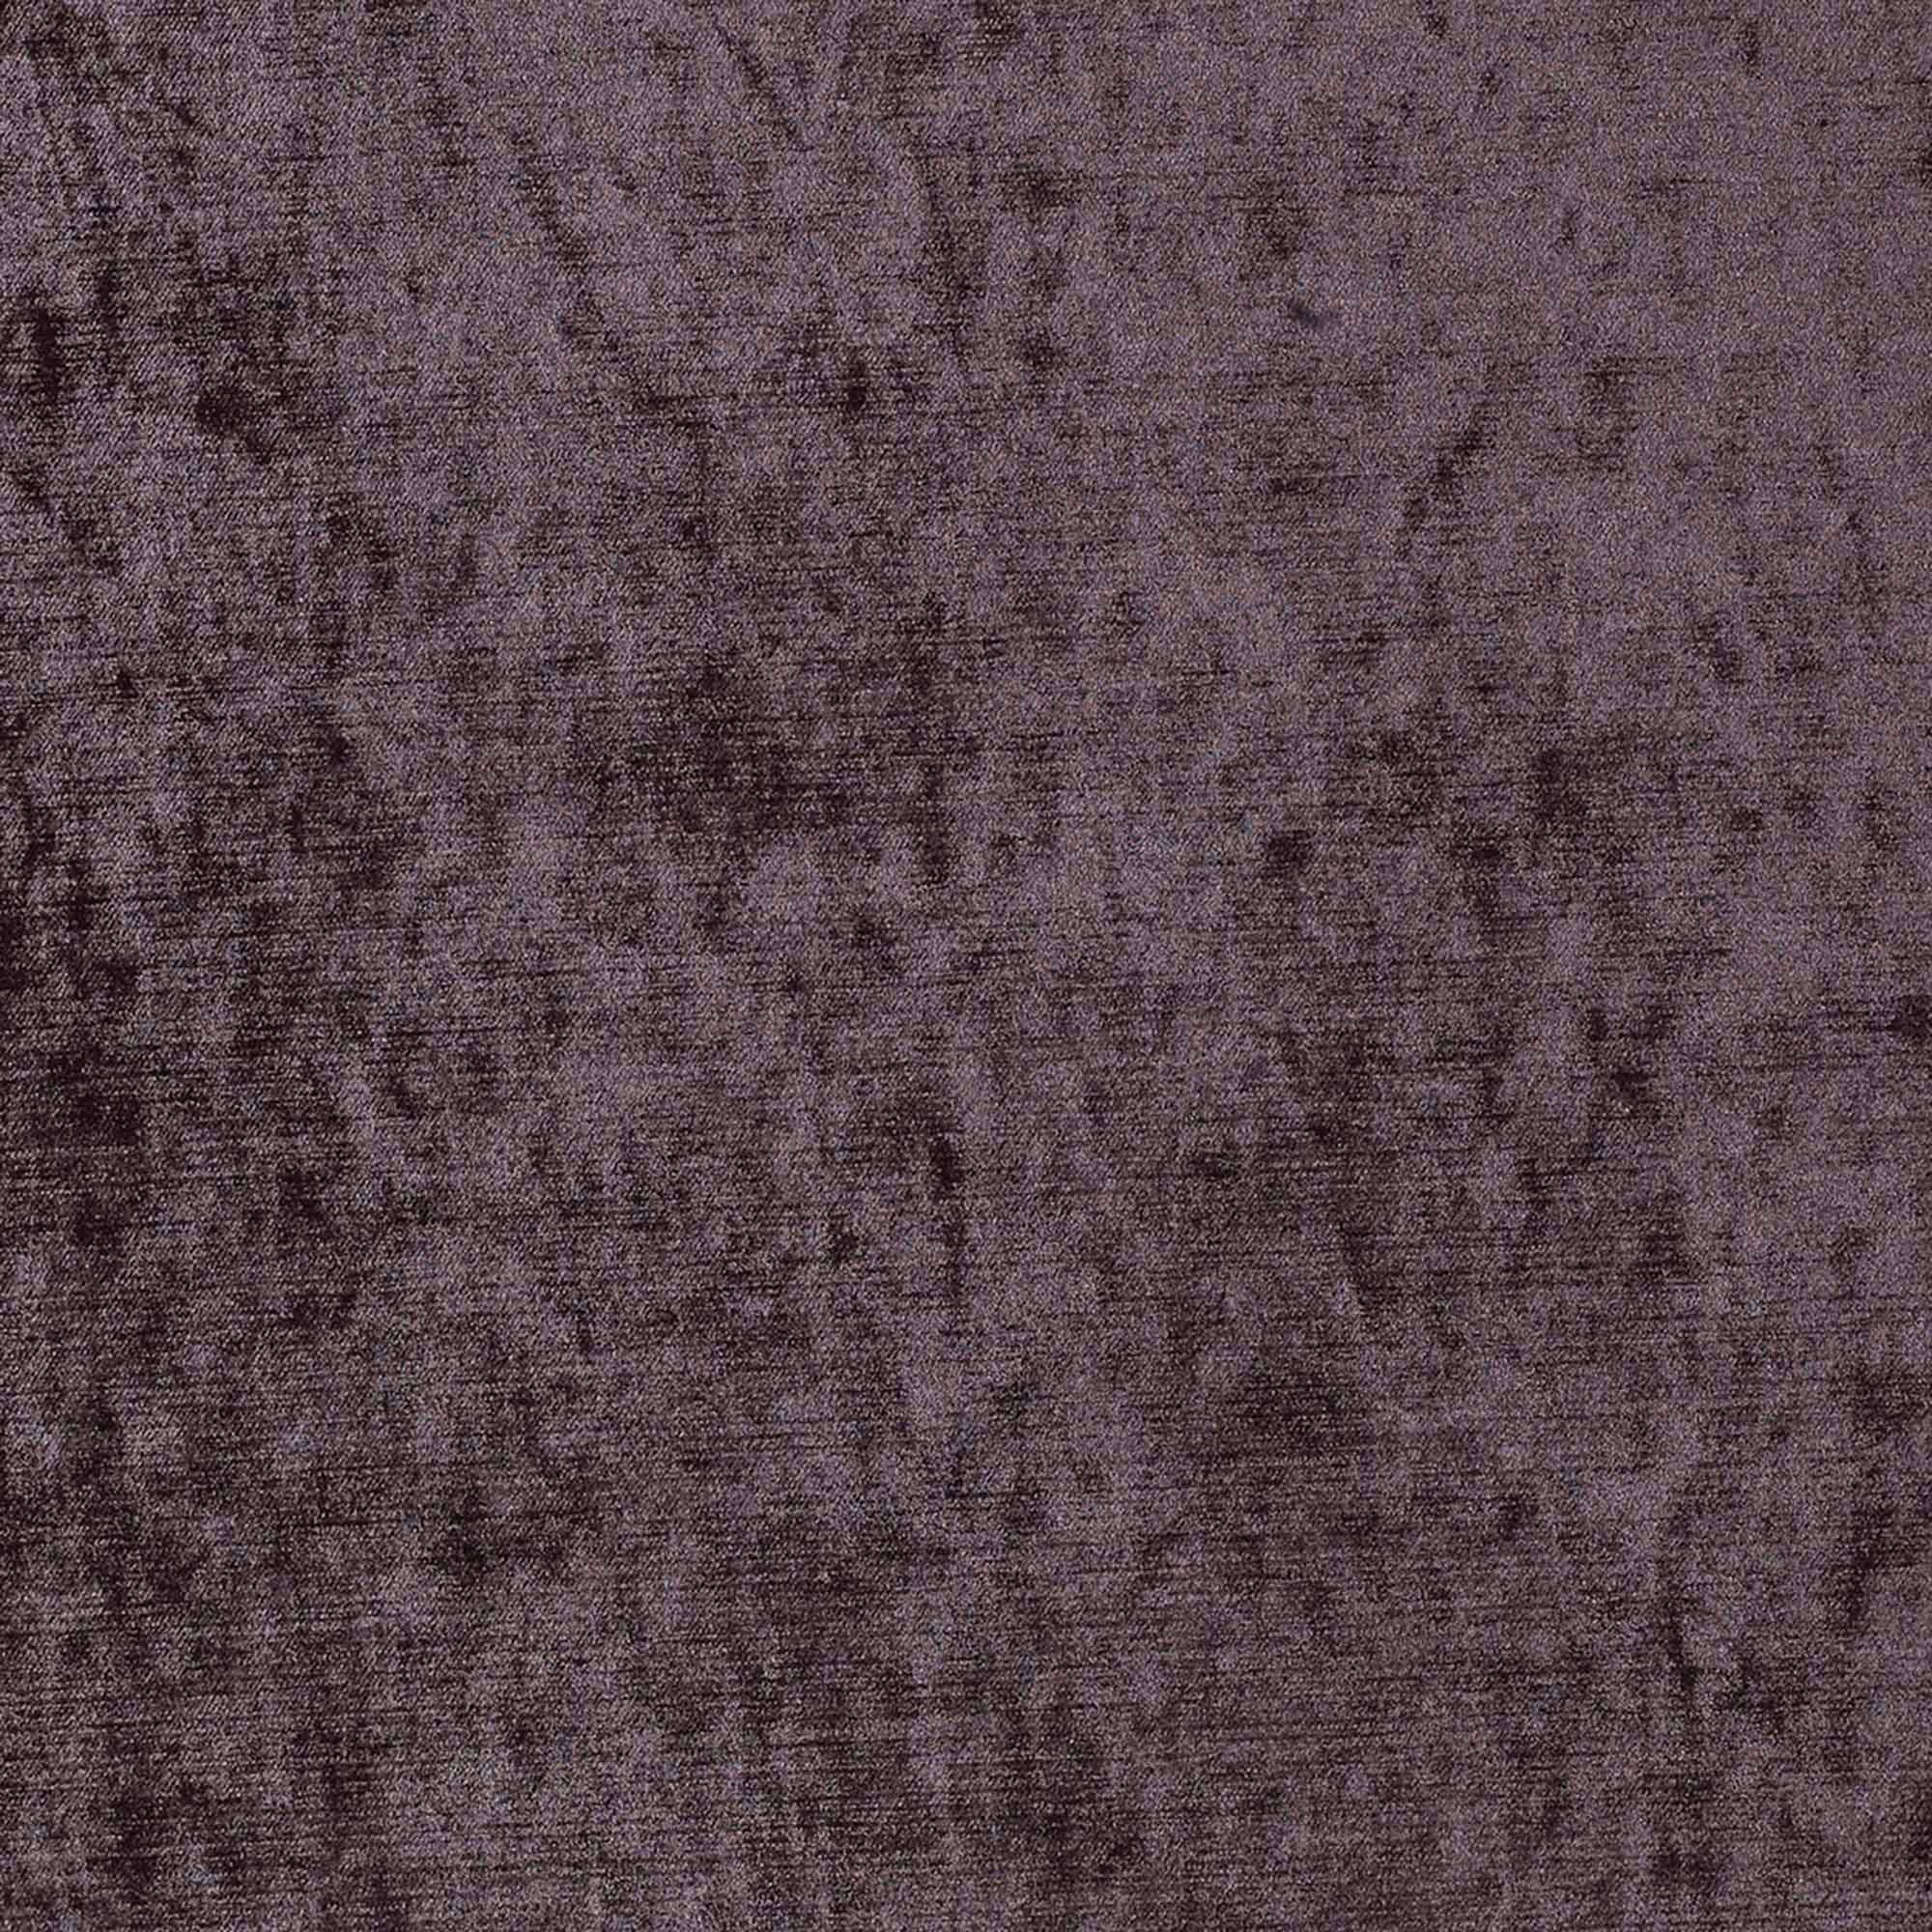 Jewel Fabric Sample